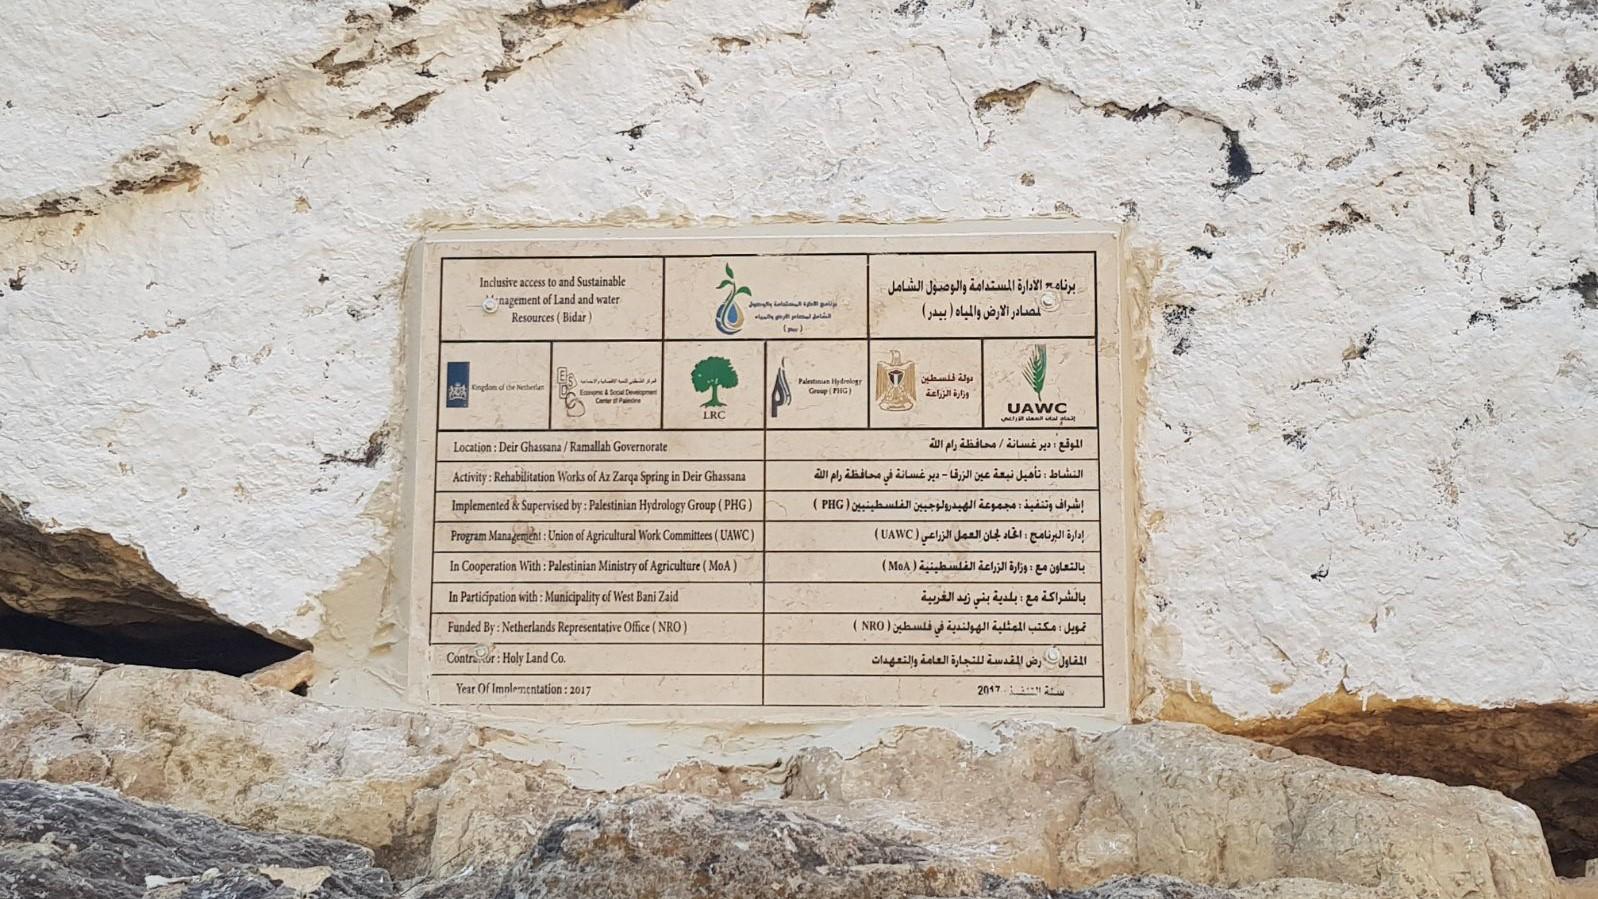 בחסות חופשת ראש השנה – השתלטות של ערבים על ערכי טבע